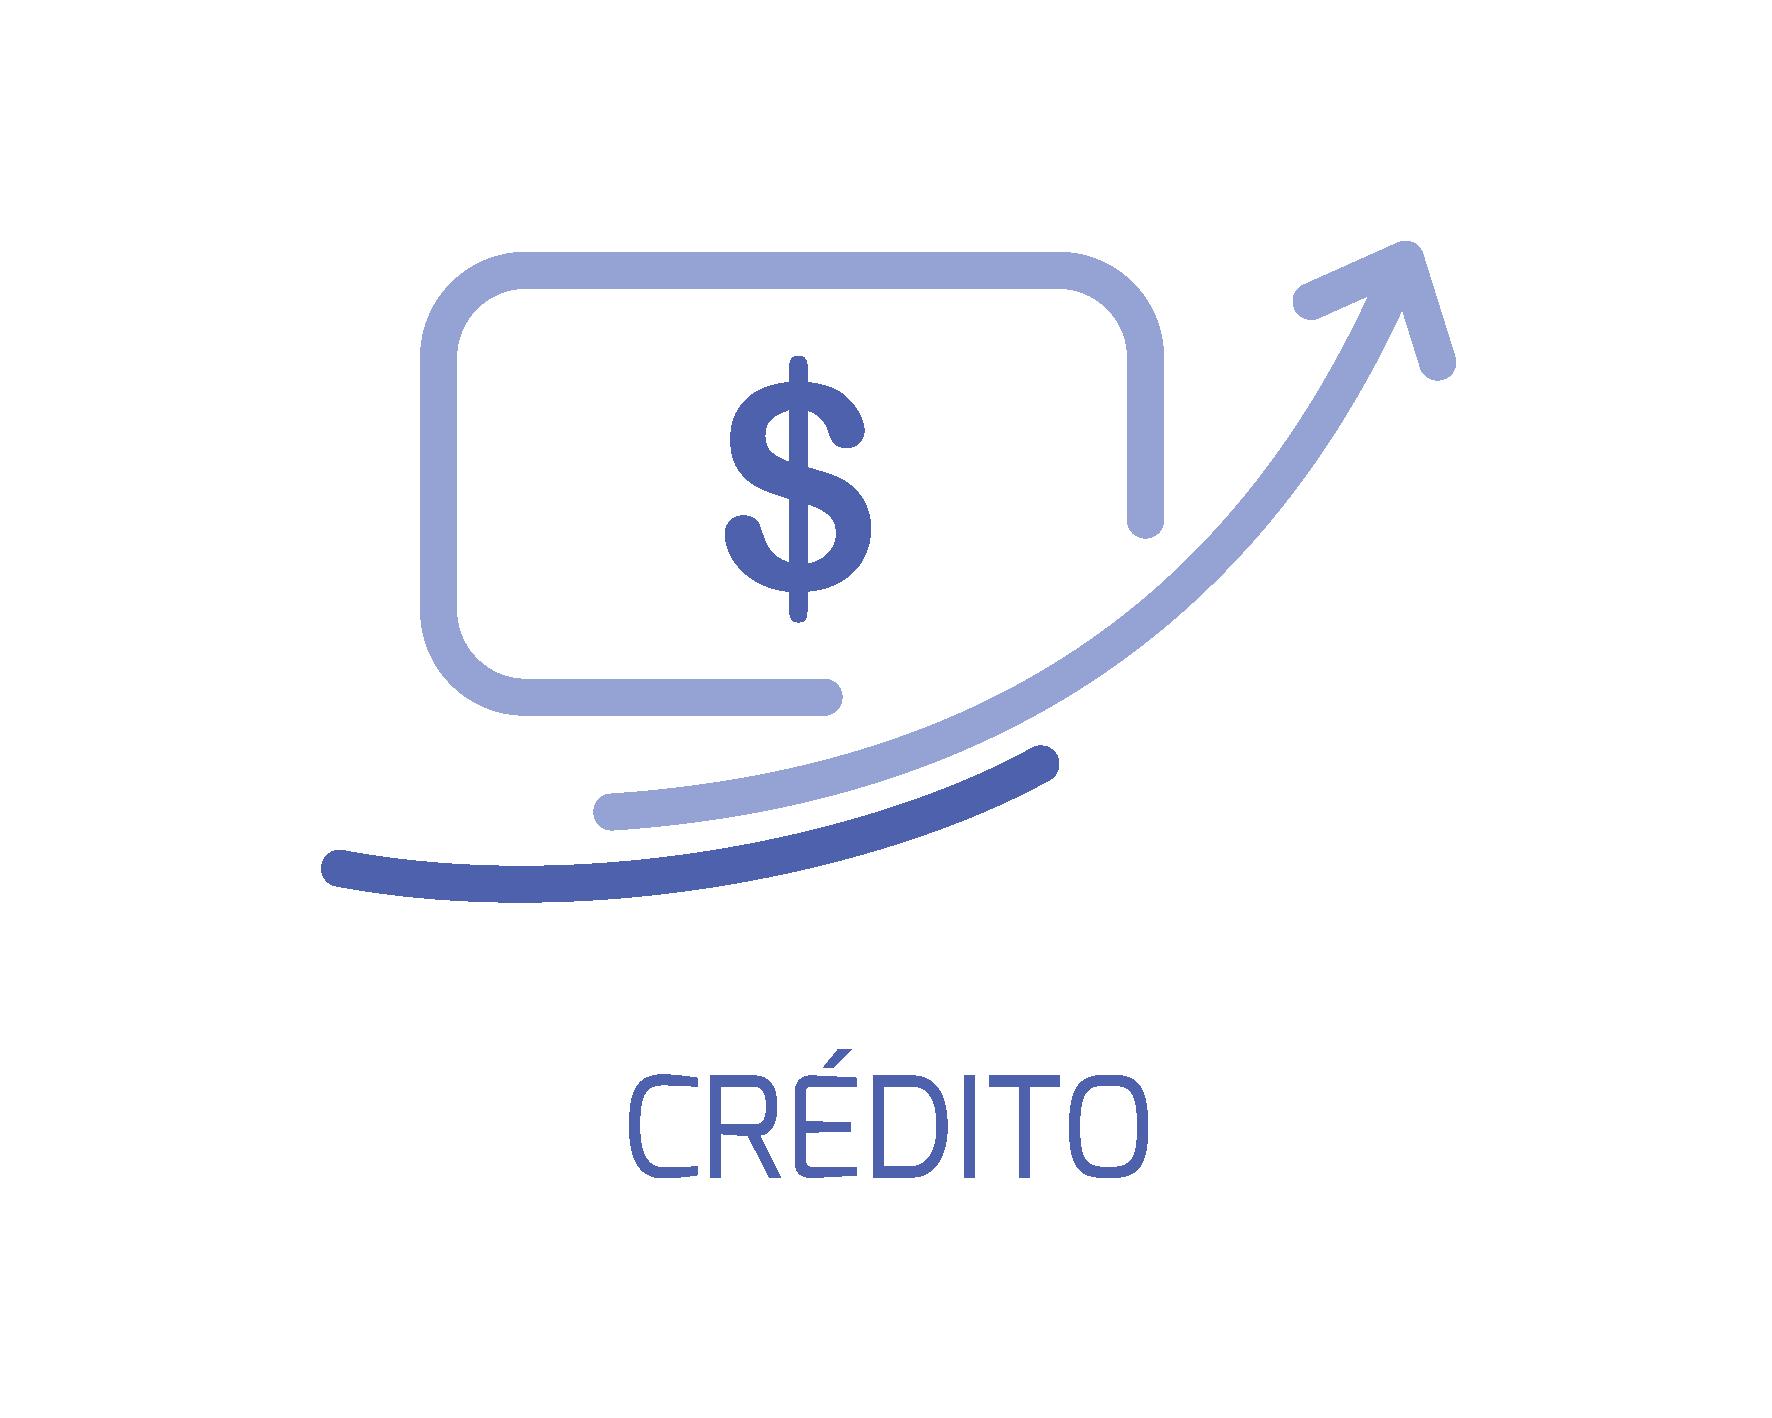 ramo credito 20 05 2020